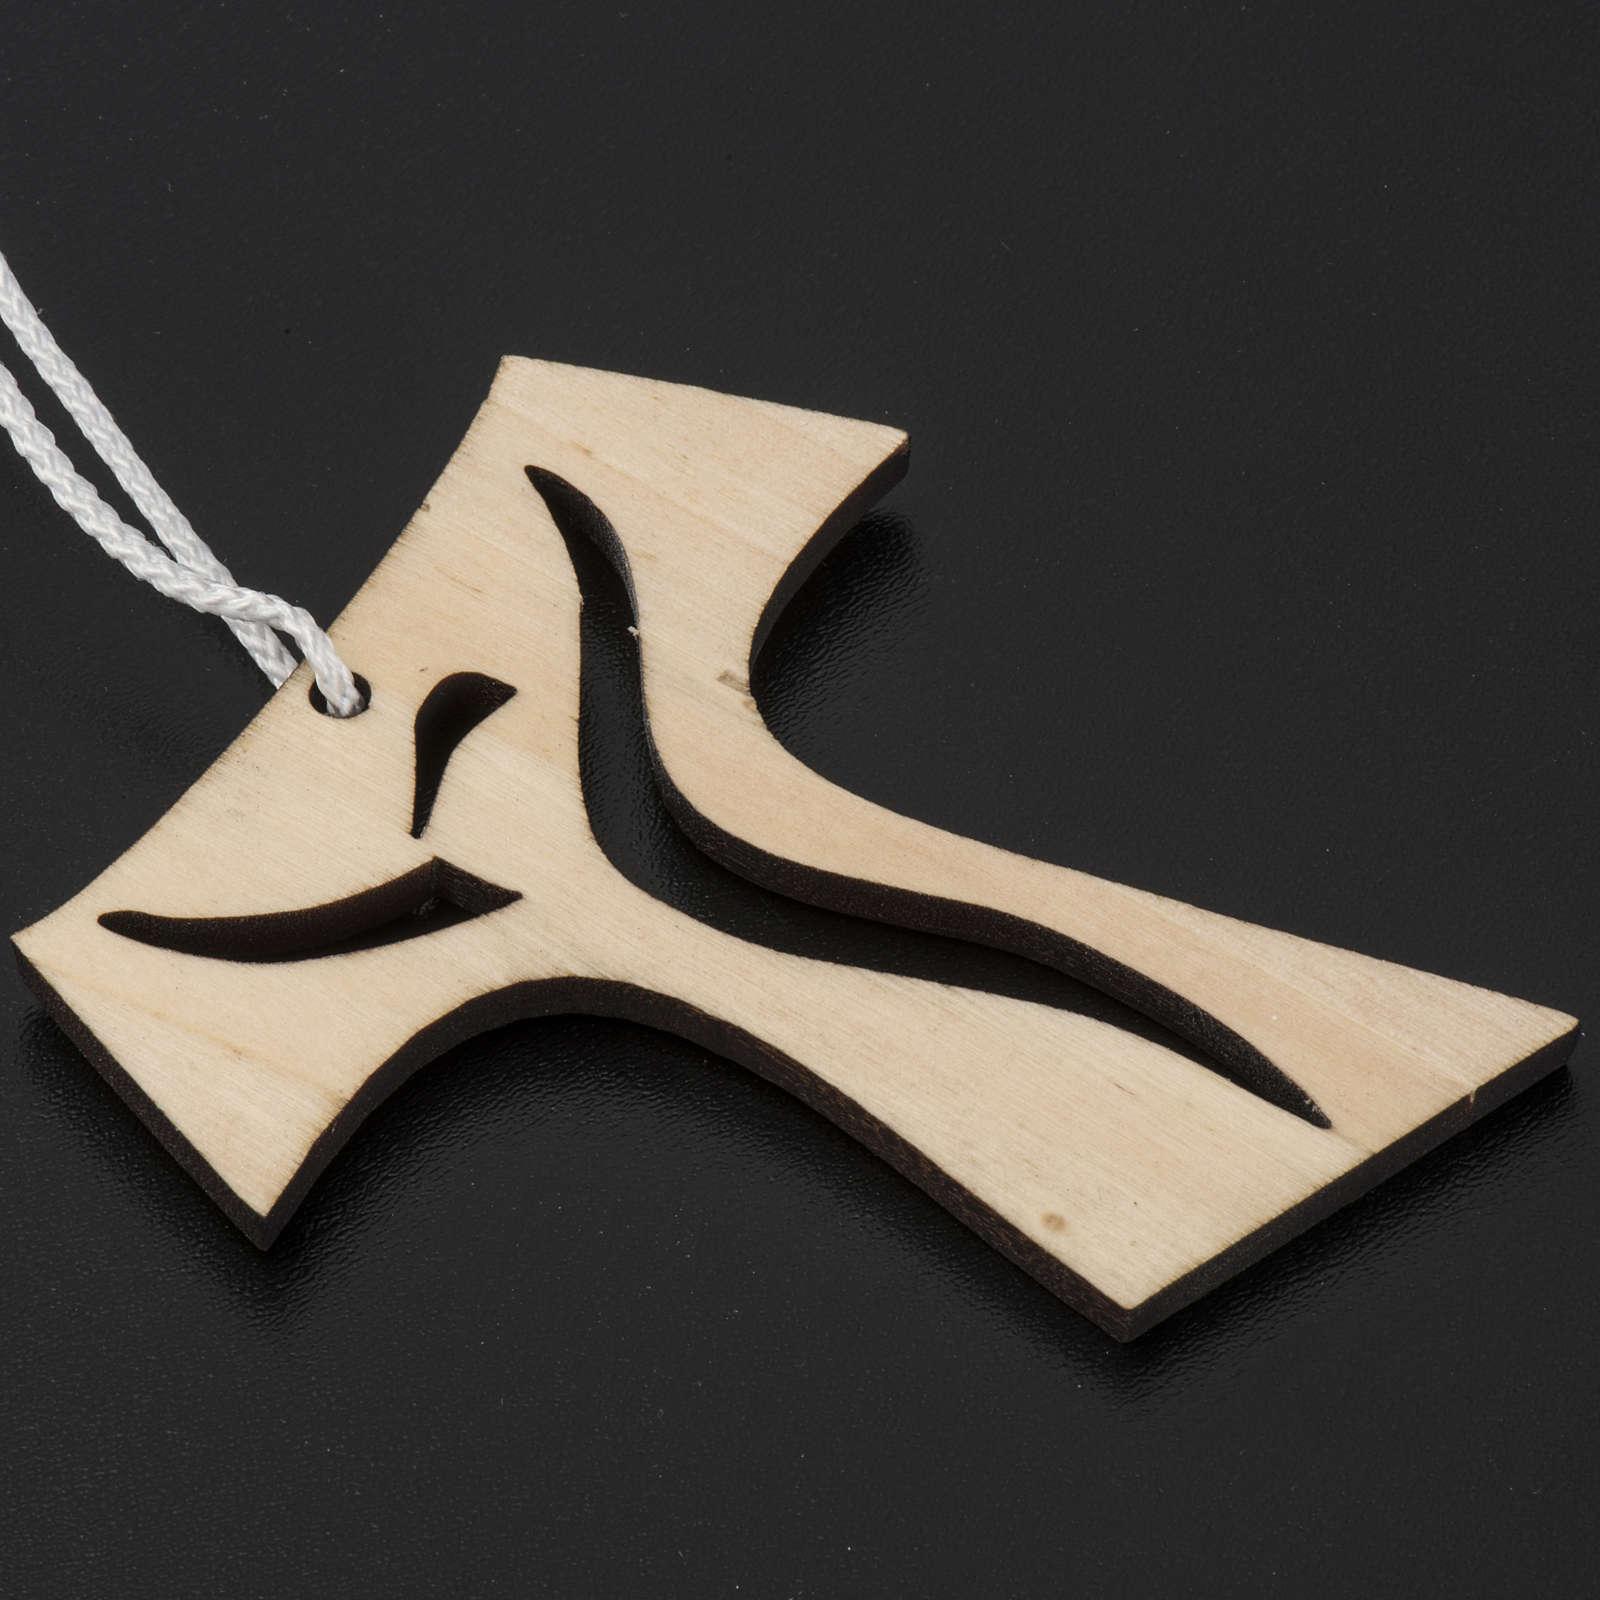 Holzkreuz für Erstkommunion durchbrochen gearbeitetes Motiv Wiederauferstandener 9,3x8 cm 4